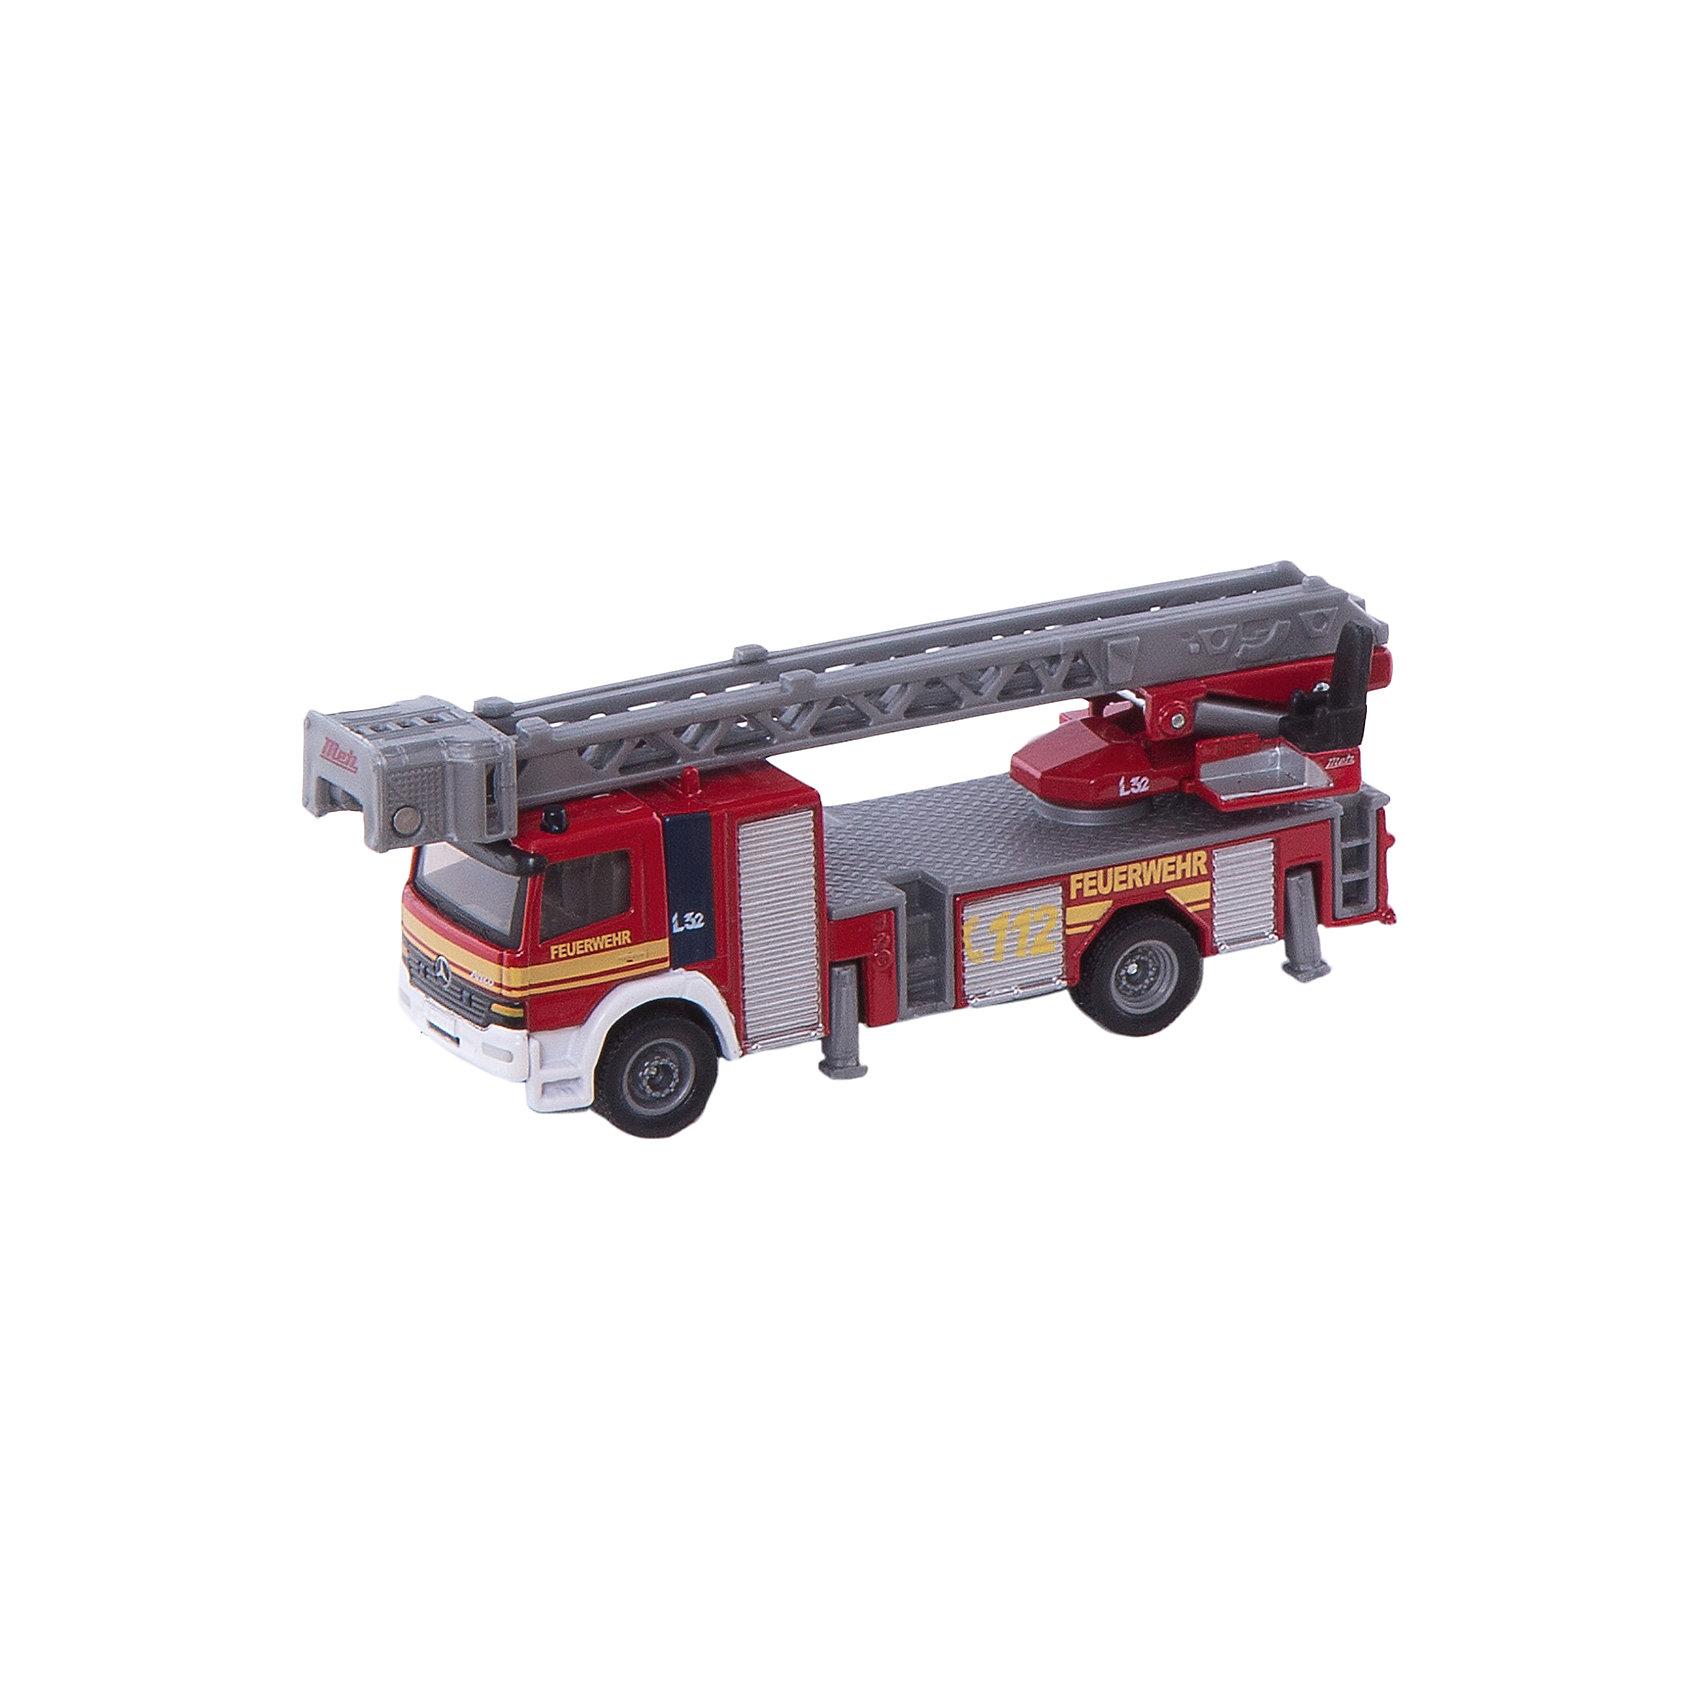 SIKU 1841 Пожарная машина с лестницей 1:87SIKU (СИКУ) 1841 Пожарная машина с лестницей 1:87<br><br>Корпус выполнен из металла, лобовое и боковые стёкла из прозрачной пластмассы, колёса выполнены из резины и вращаются, можно катать. Пожарная стрела с люлькой выдвигается, поднимается и поворачивается, боковые опоры выдвигаются и опускаются.<br><br>Дополнительная информация:<br>-Материал: металл с элементами пластмассы<br>-Размер игрушки: 11,5 x 2,8 x 3,8 см<br><br>Реалистичный дизайн и множество подвижных функциональных деталей-разнообразные варианты игры гарантированы.<br><br>SIKU (СИКУ) 1841 Пожарную машину с лестницей 1:87 можно купить в нашем магазине.<br><br>Ширина мм: 159<br>Глубина мм: 78<br>Высота мм: 50<br>Вес г: 141<br>Возраст от месяцев: 36<br>Возраст до месяцев: 96<br>Пол: Мужской<br>Возраст: Детский<br>SKU: 1503801